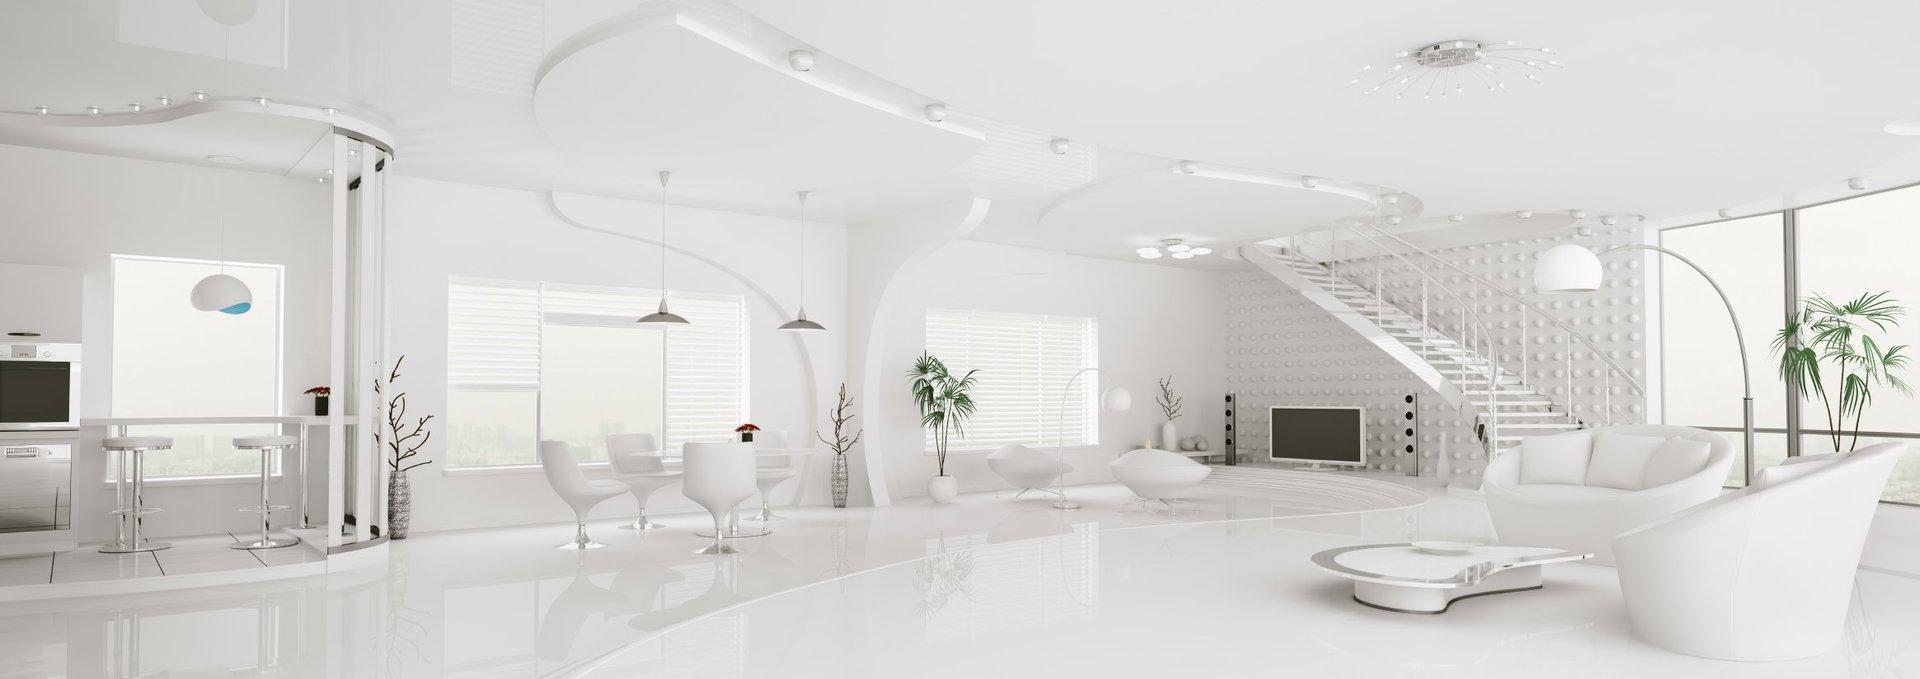 bewerten gutachten verkaufen immobilien einwerten. Black Bedroom Furniture Sets. Home Design Ideas